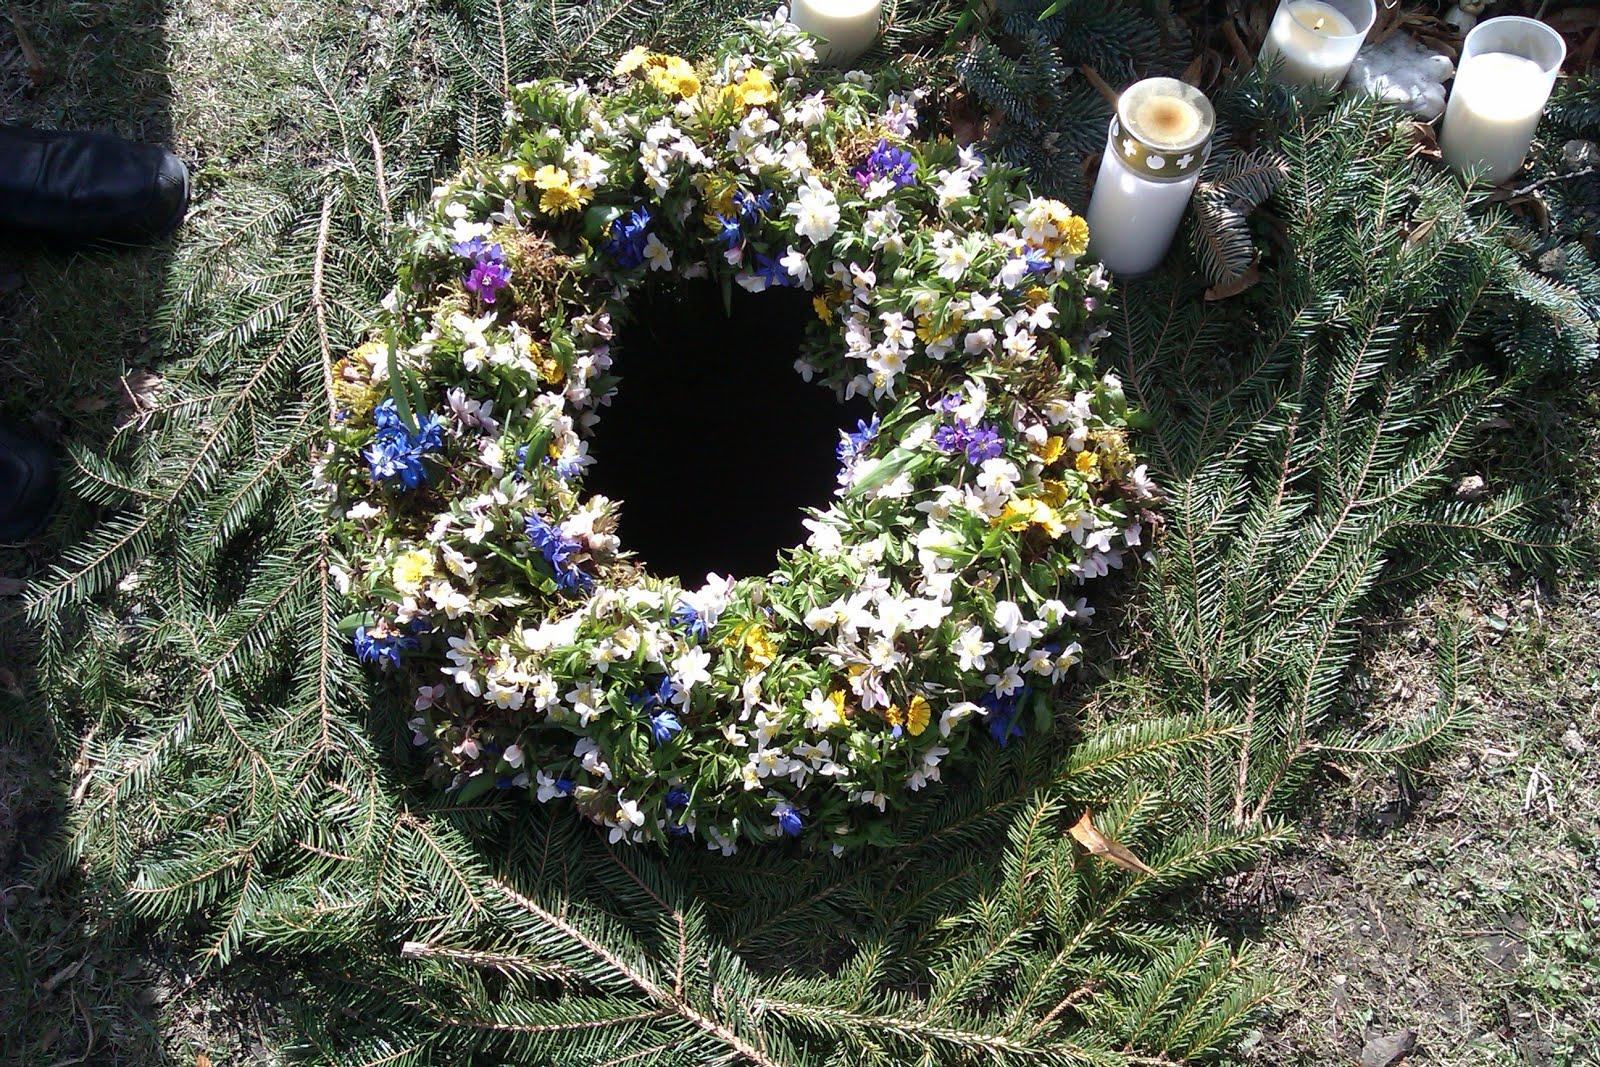 ska man ha blommor vid urnsättning